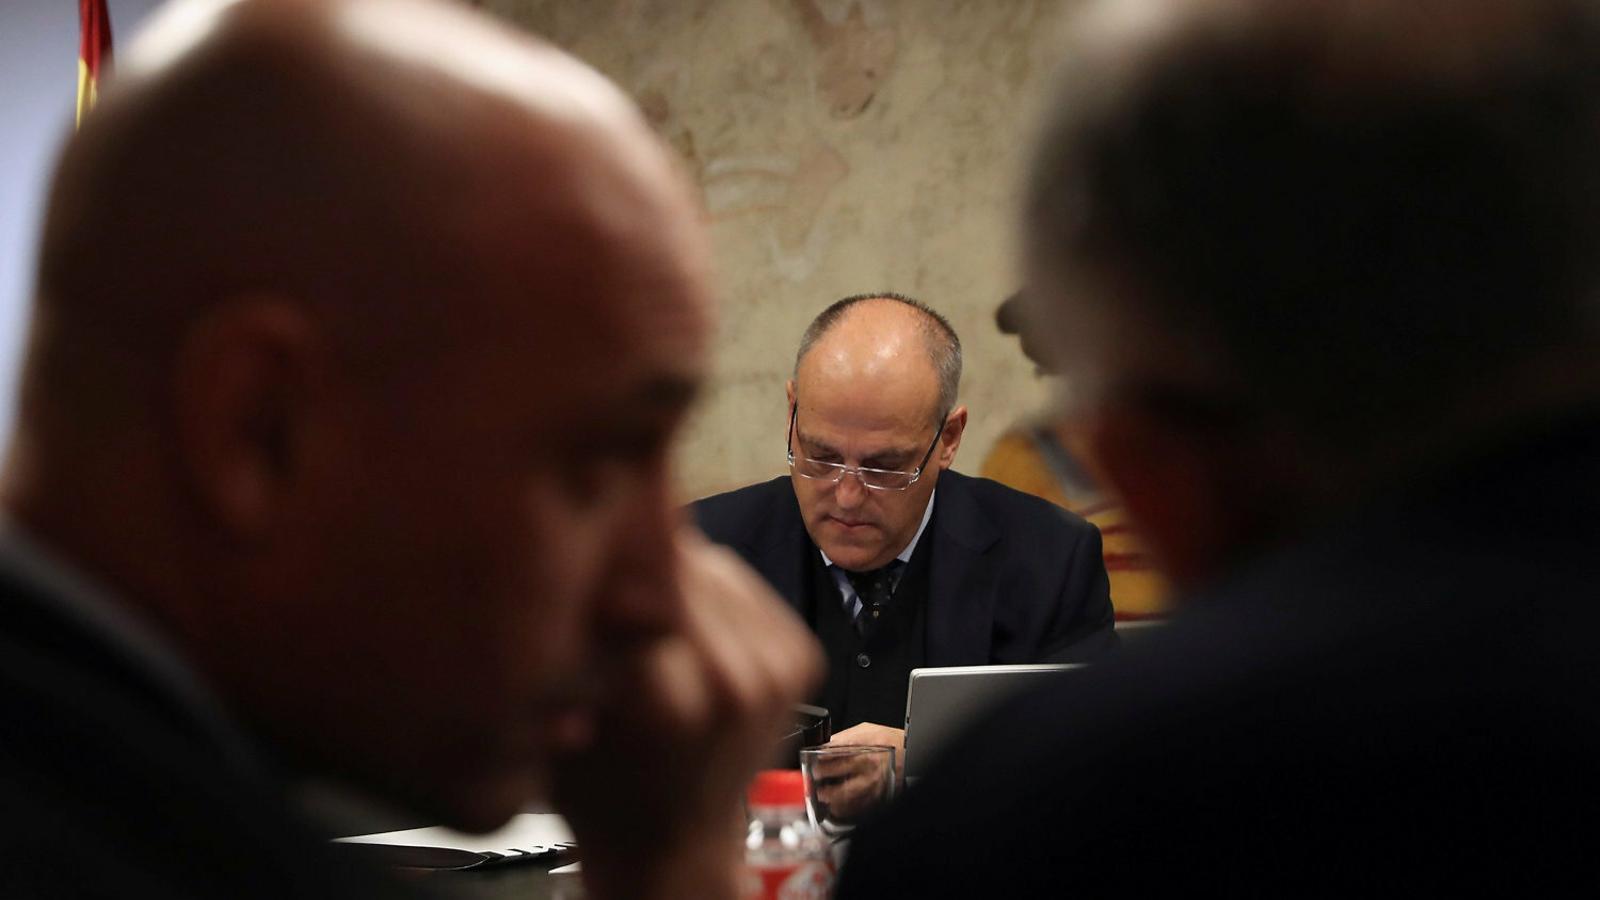 Luis Rubiales i Javier Tebas (al fons) durant una reunió de la Federació Espanyola i la Lliga al CSD.